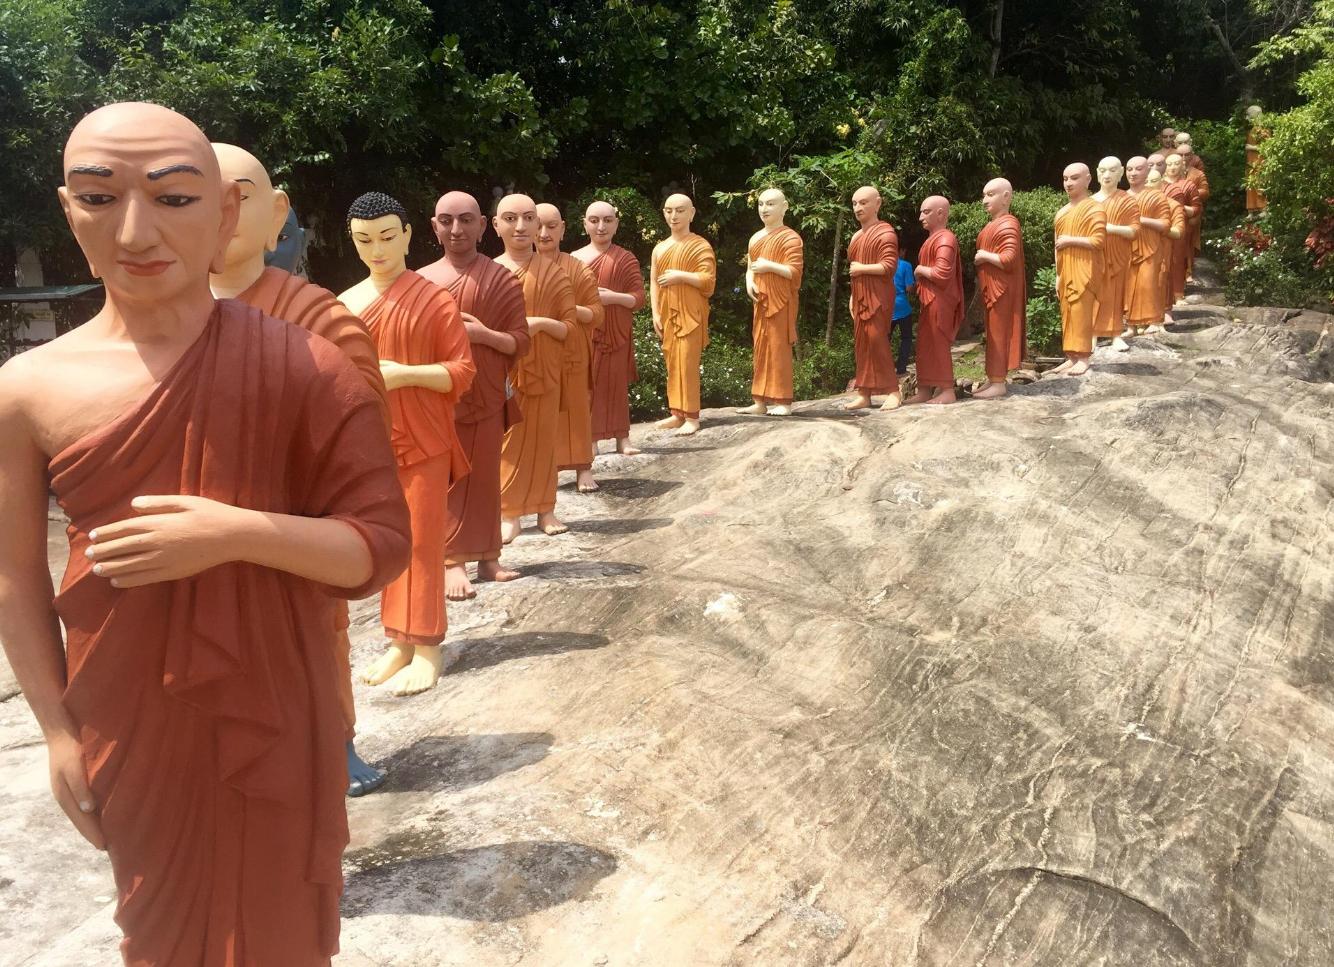 Статуи Будды разного возраста и монахов